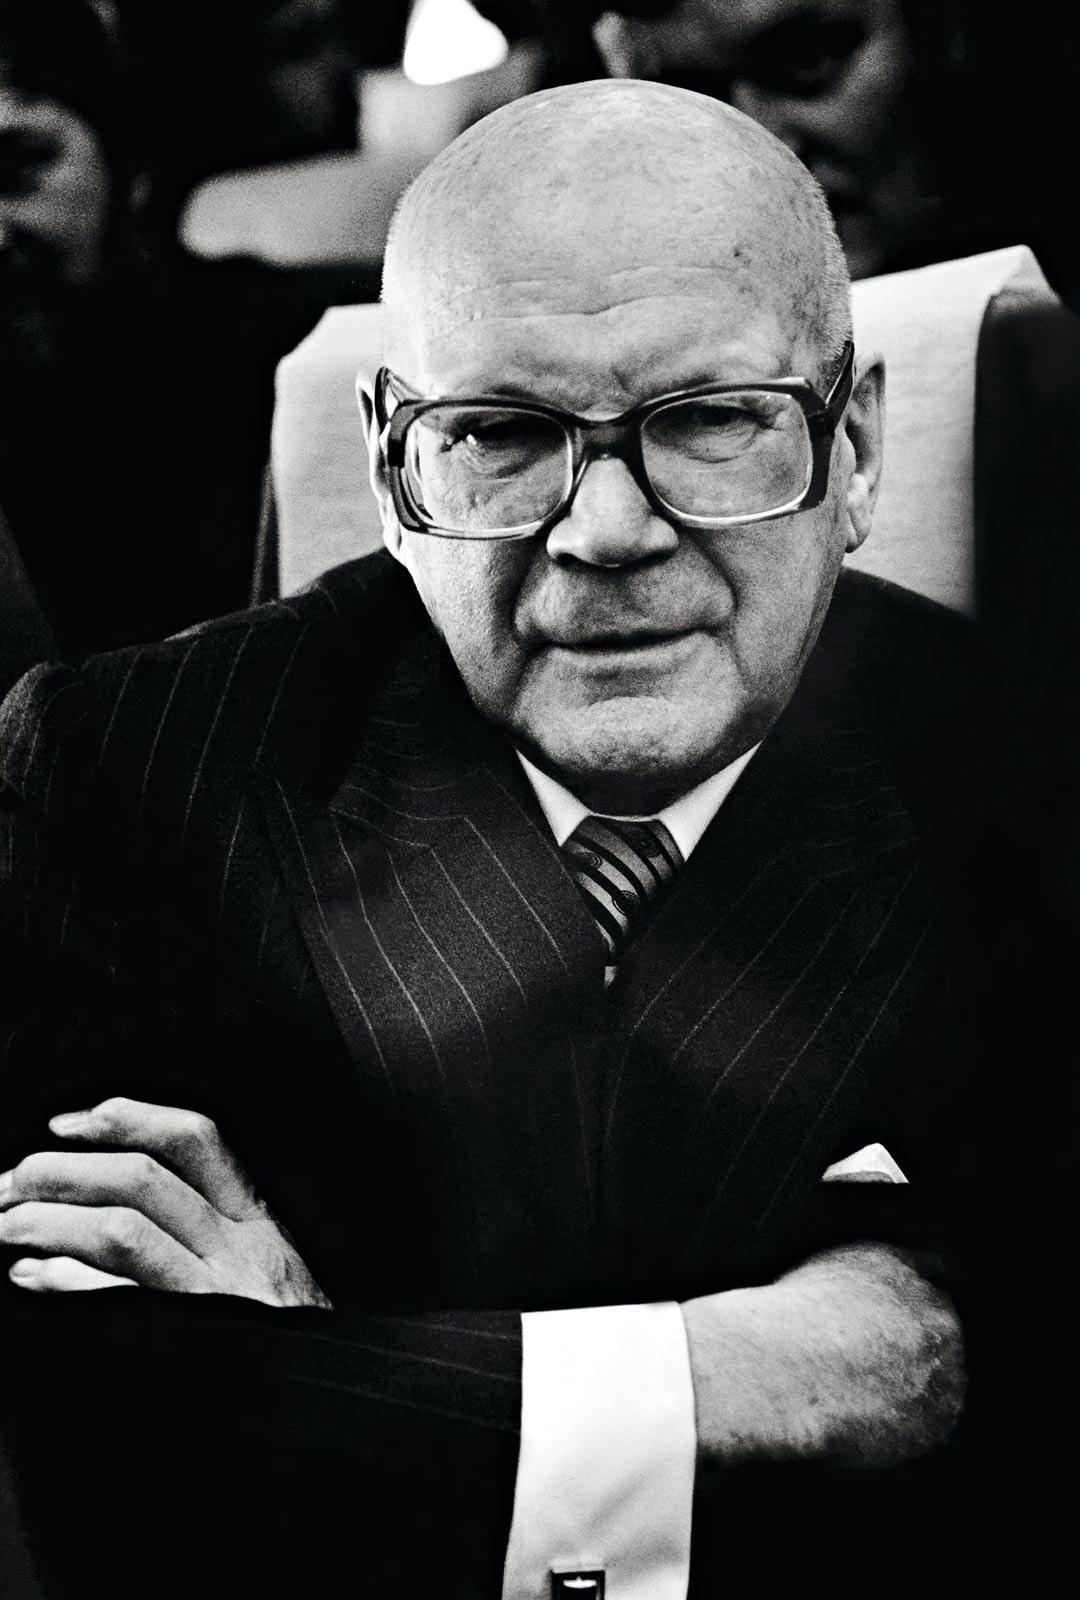 Tätä ei nykyään pidettäisi soveliaana: Urho Kekkonen kokosi solvauskirjeensä kirjoiksi ja myi niitä.